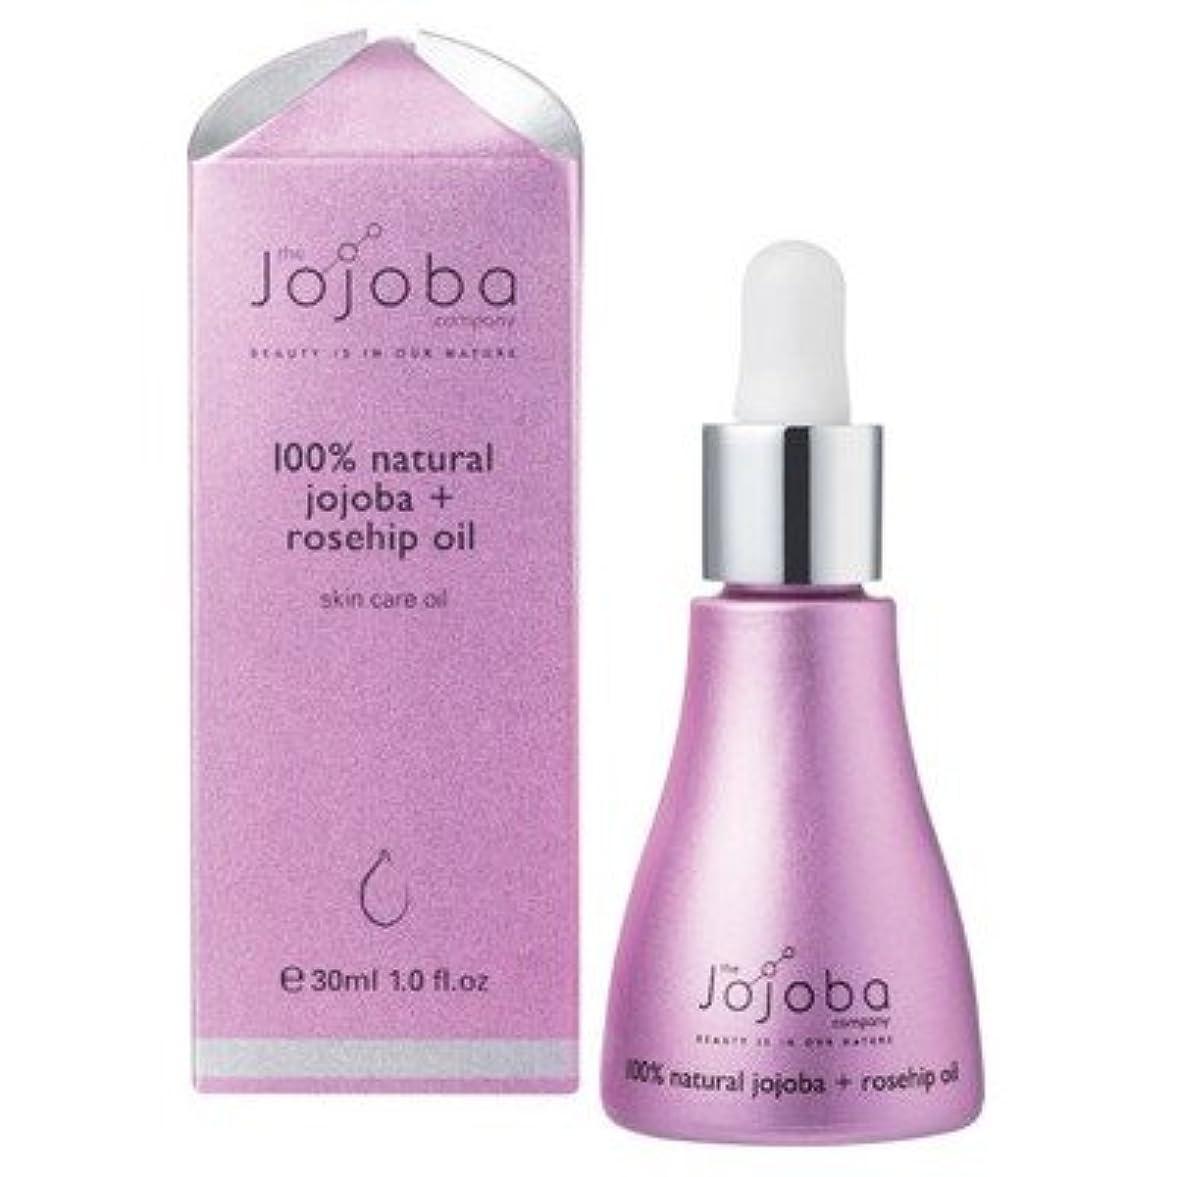 メタンフリル管理者the Jojoba Company 100% Natural Australian Jojoba Oil + Rosehip Oil ホホバ&ローズヒップブレンドオイル 30ml [海外直送品]